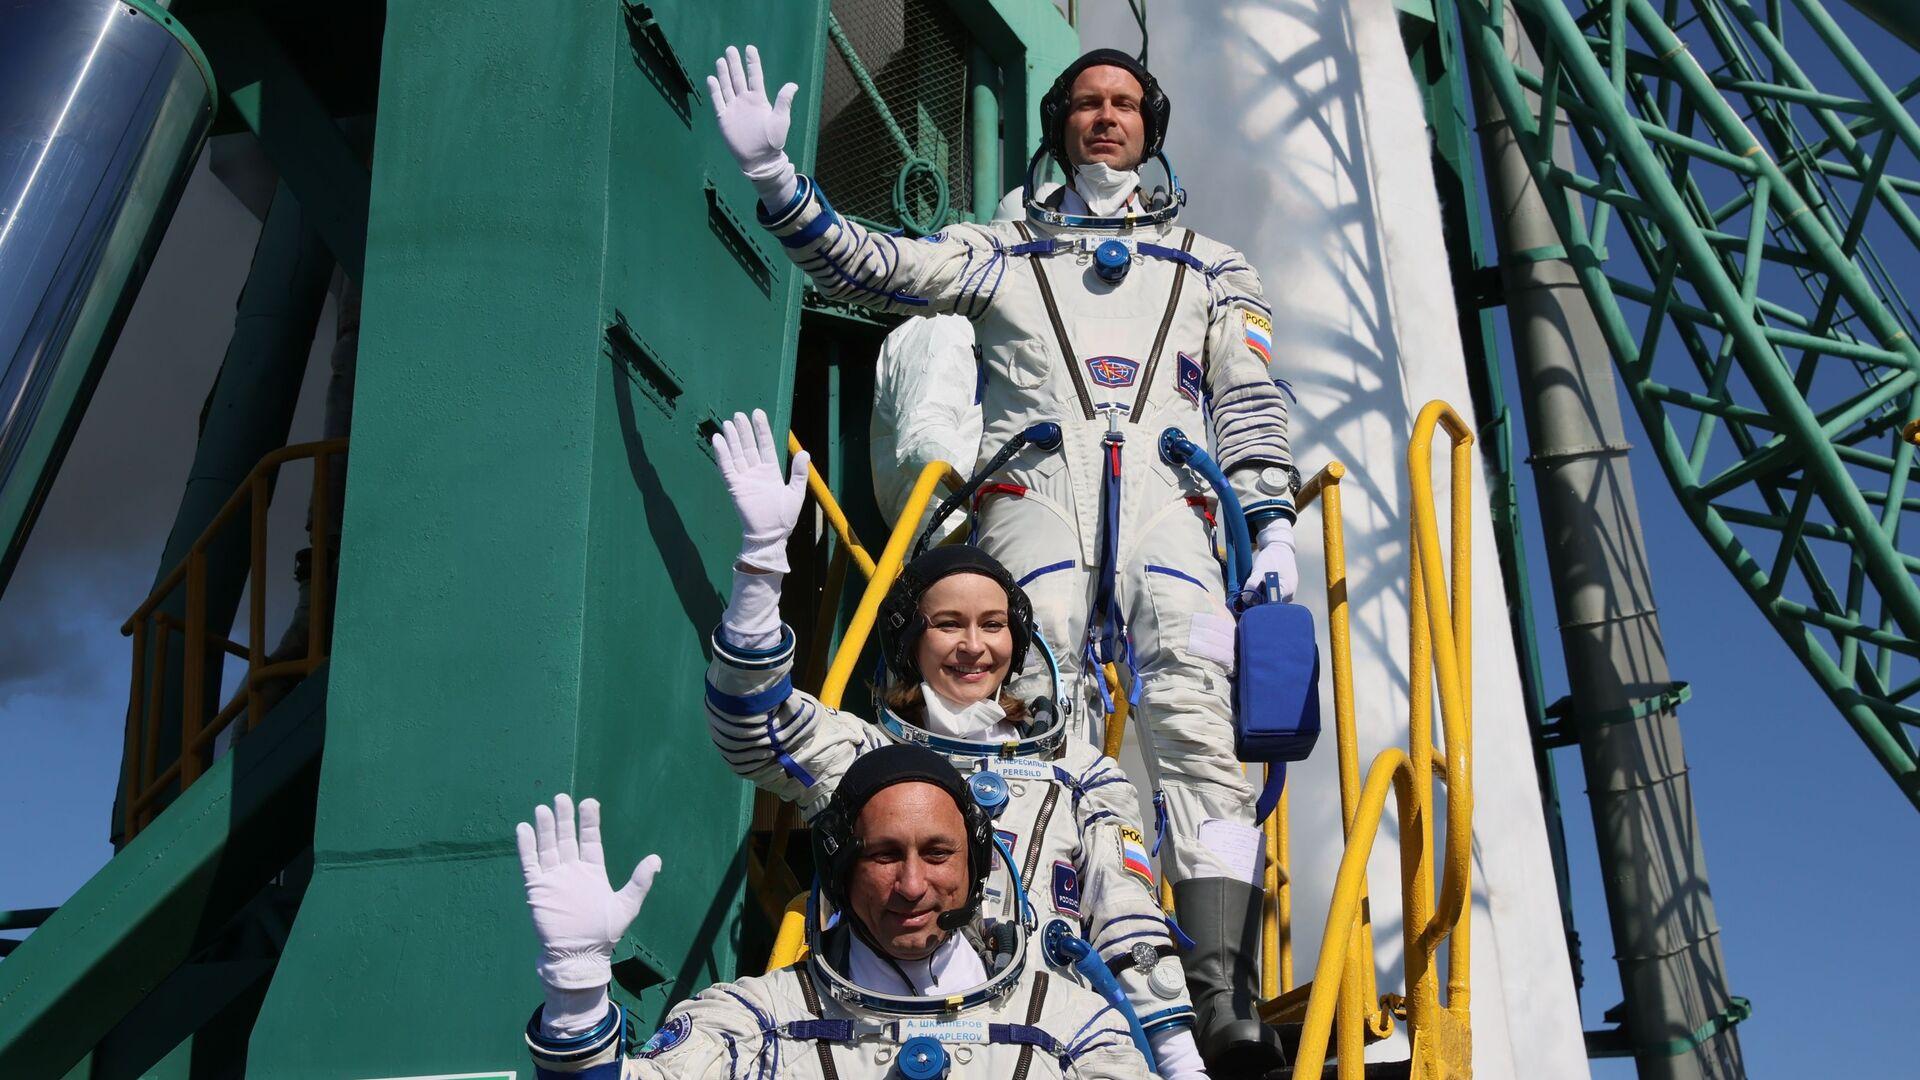 Các thành viên của phi hành đoàn chính của chuyến thám hiểm thứ 66 tới Trạm vũ trụ quốc tế trước khi phóng tàu vũ trụ Soyuz MS-19 - Sputnik Việt Nam, 1920, 06.10.2021